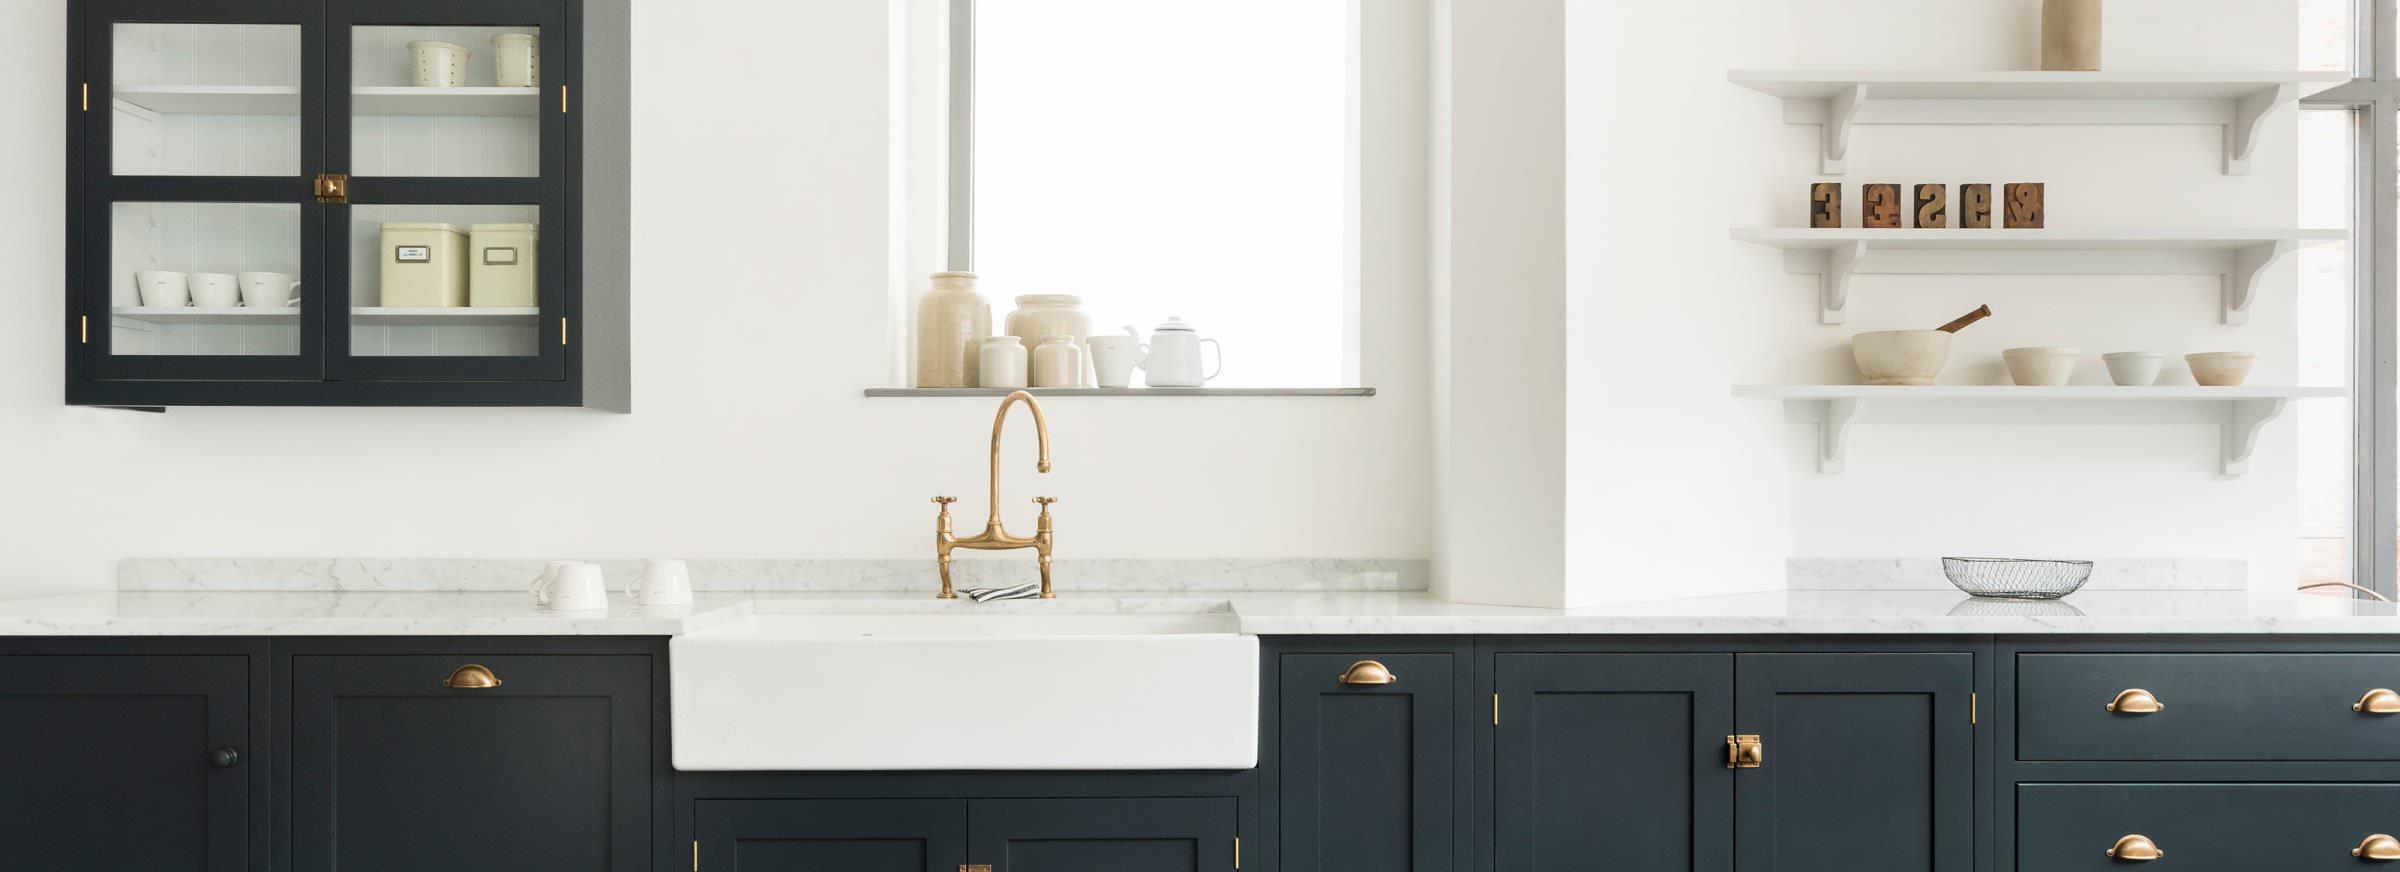 bath-shaker-kitchen[1].jpg